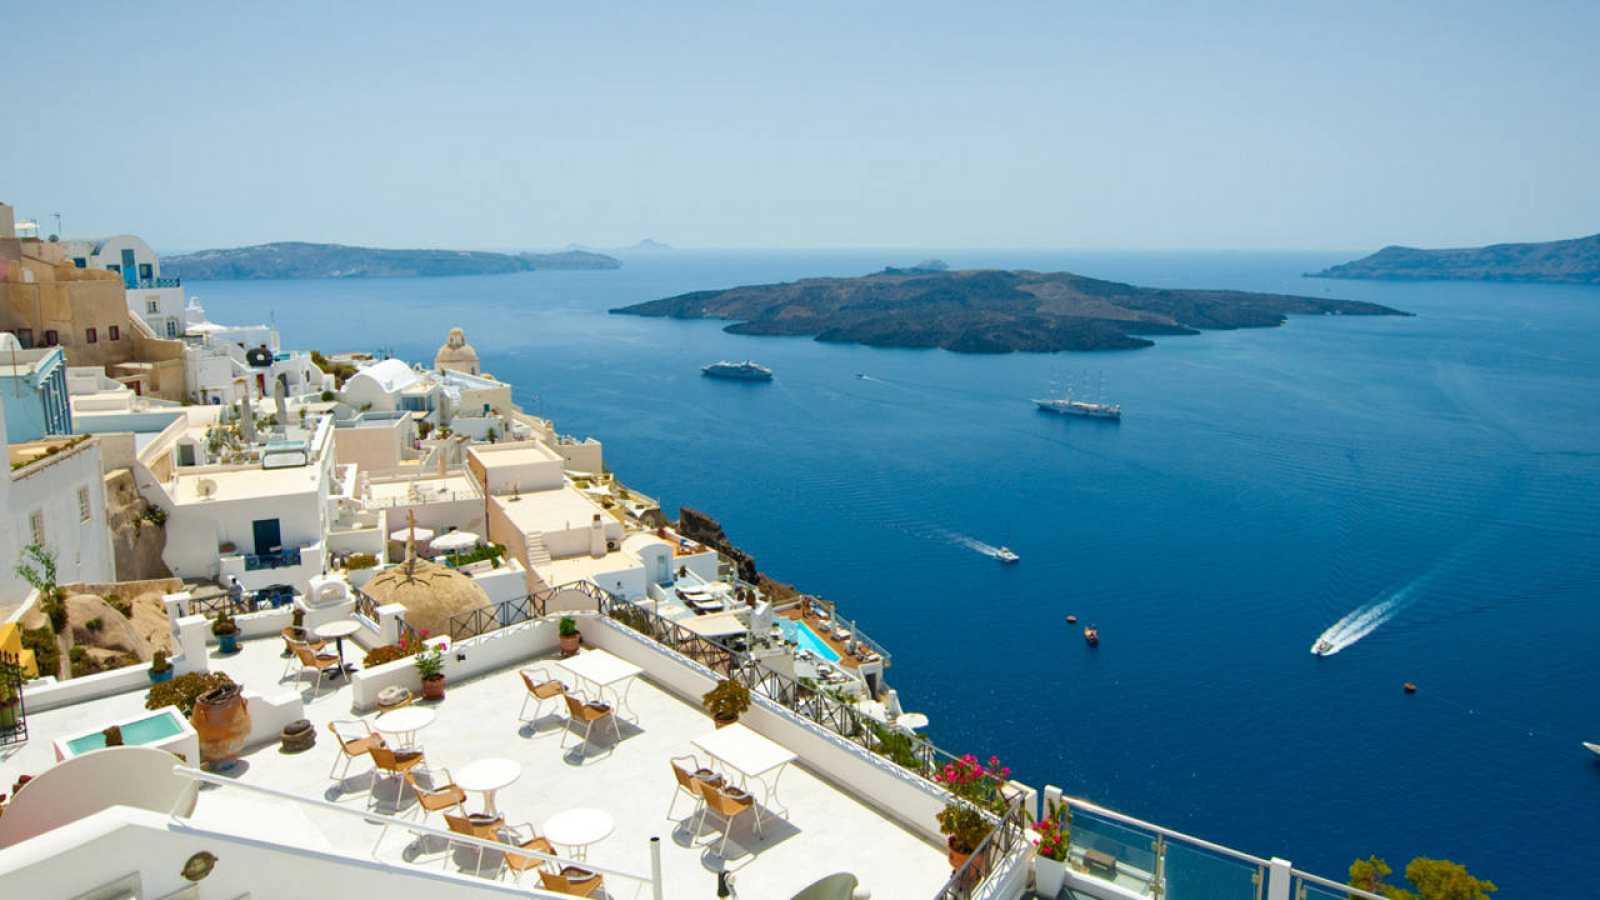 Vista del mar Egeo desde la isla griega de Santorini